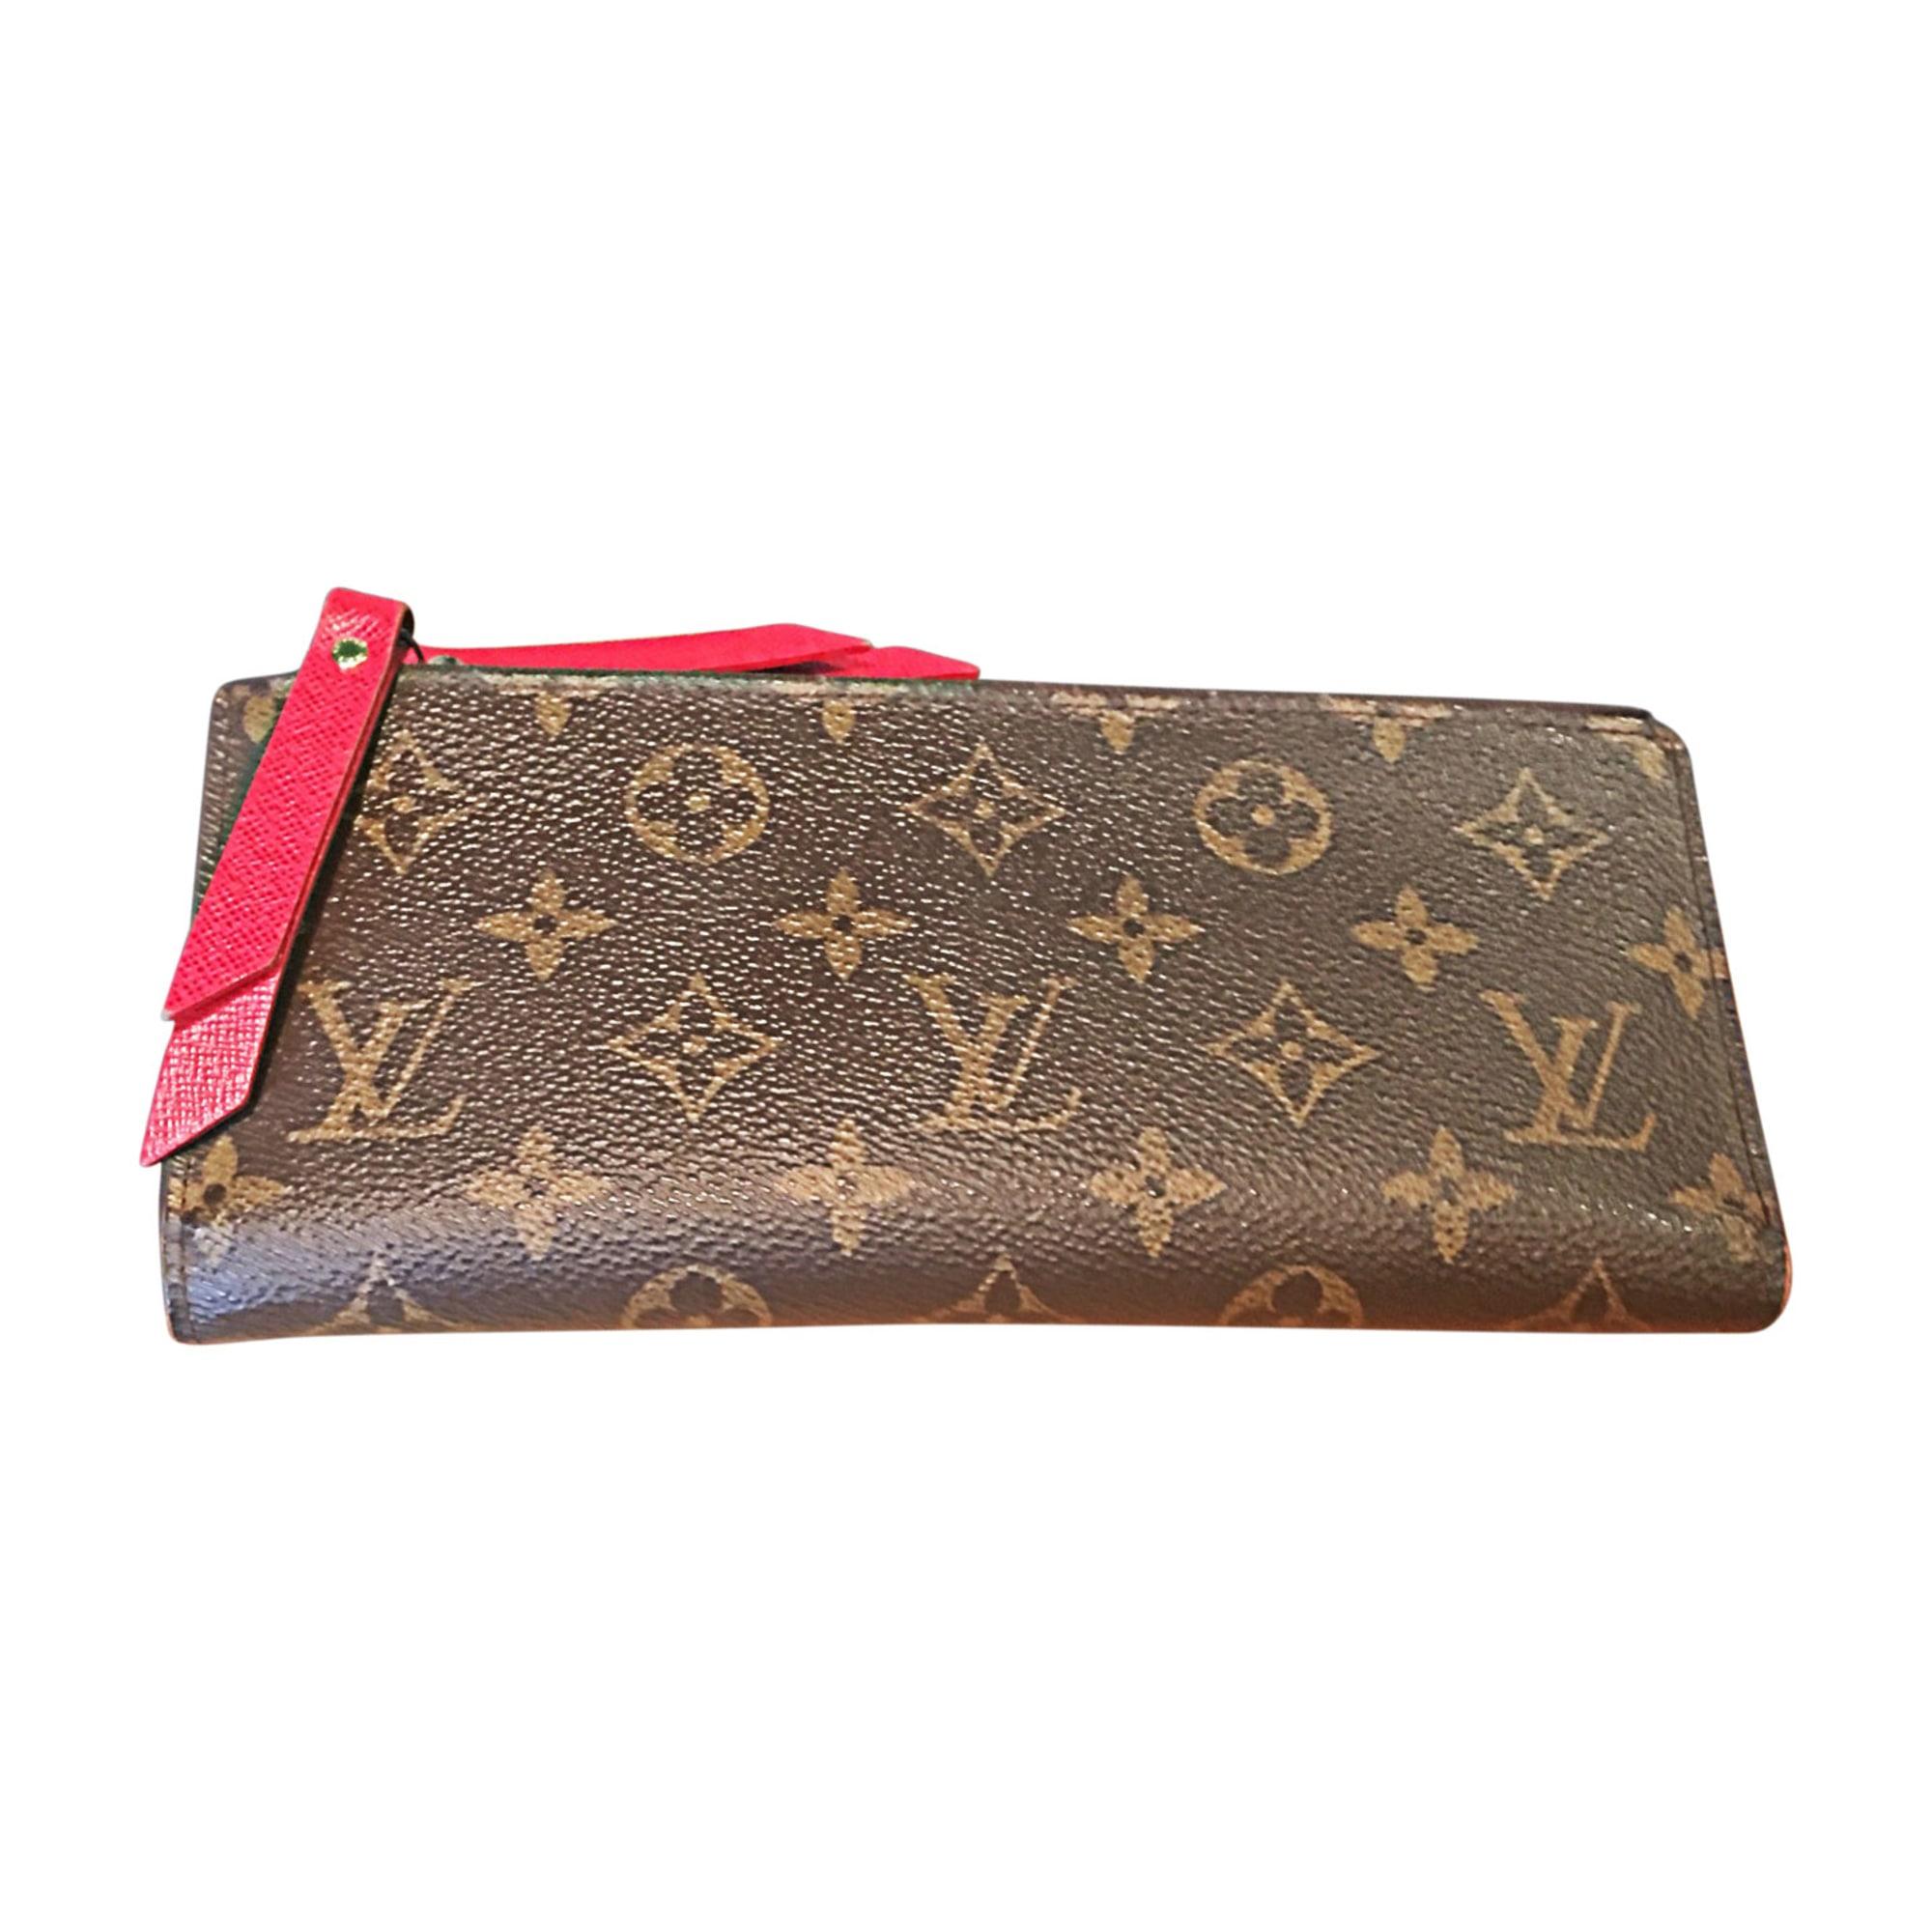 bfe395e66c92 Portefeuille LOUIS VUITTON monogram lv  rouge vendu par D ...